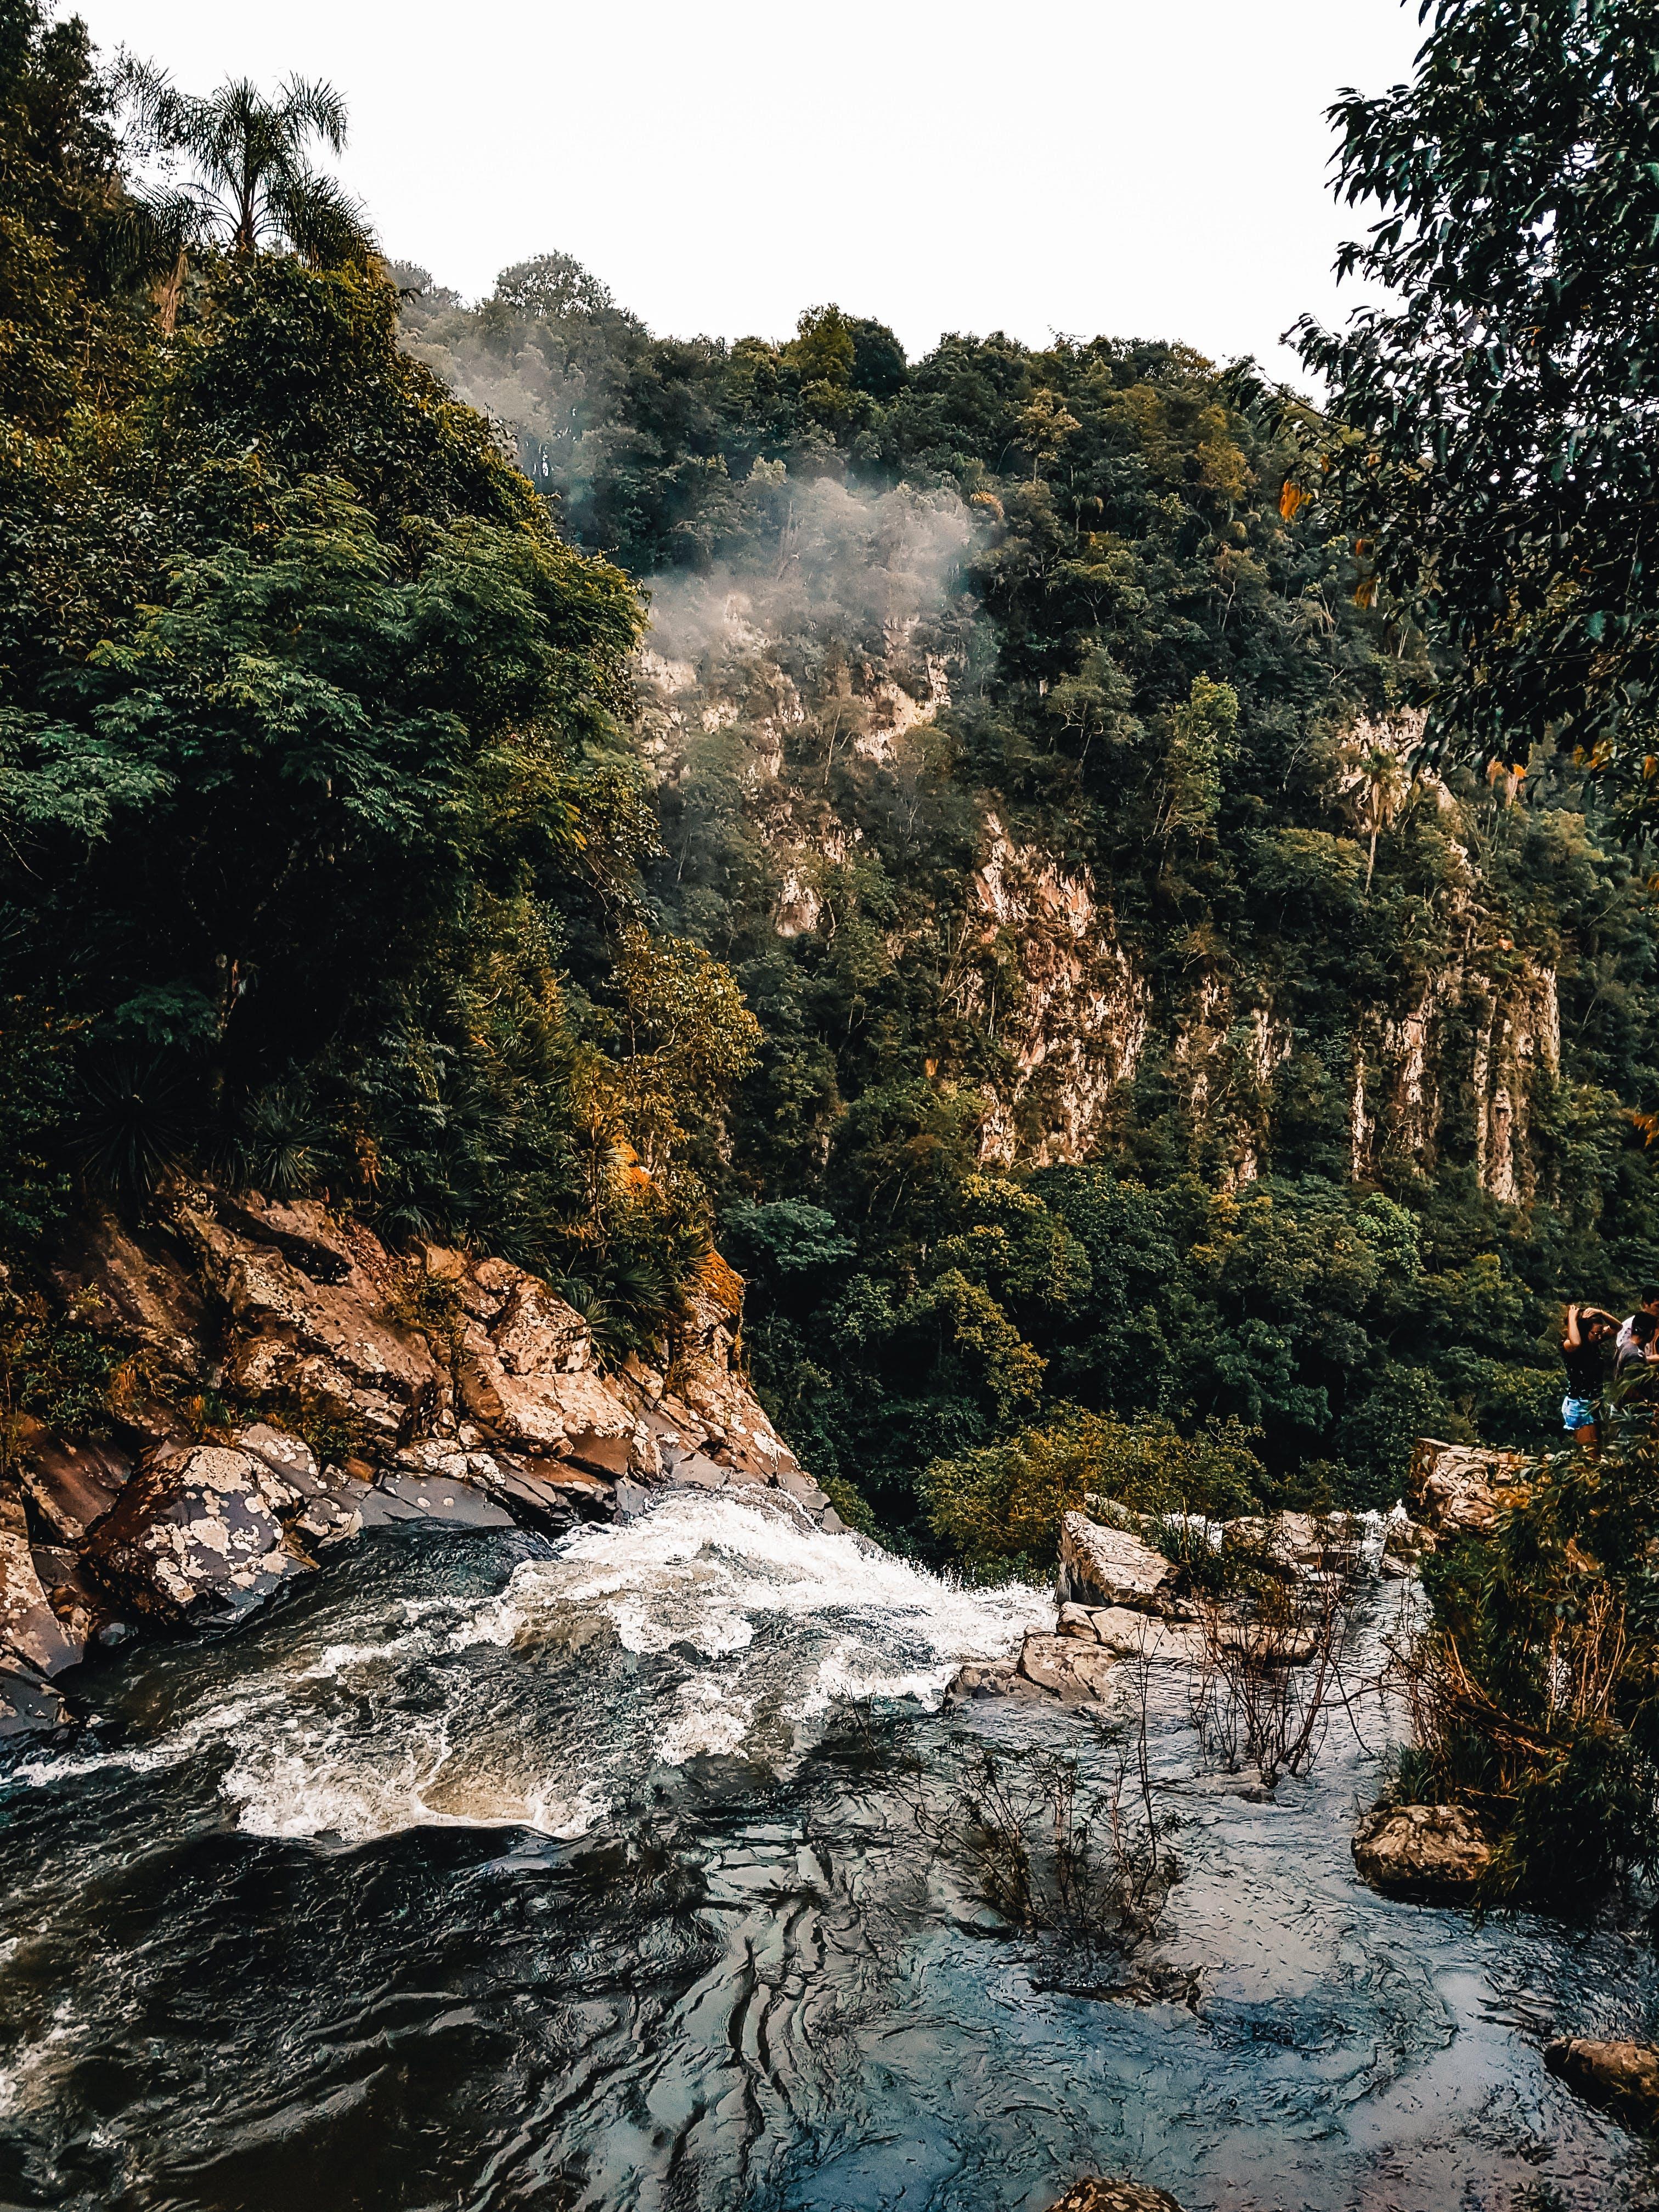 Free stock photo of aventura, cachoeira, floresta, fotografia da natureza